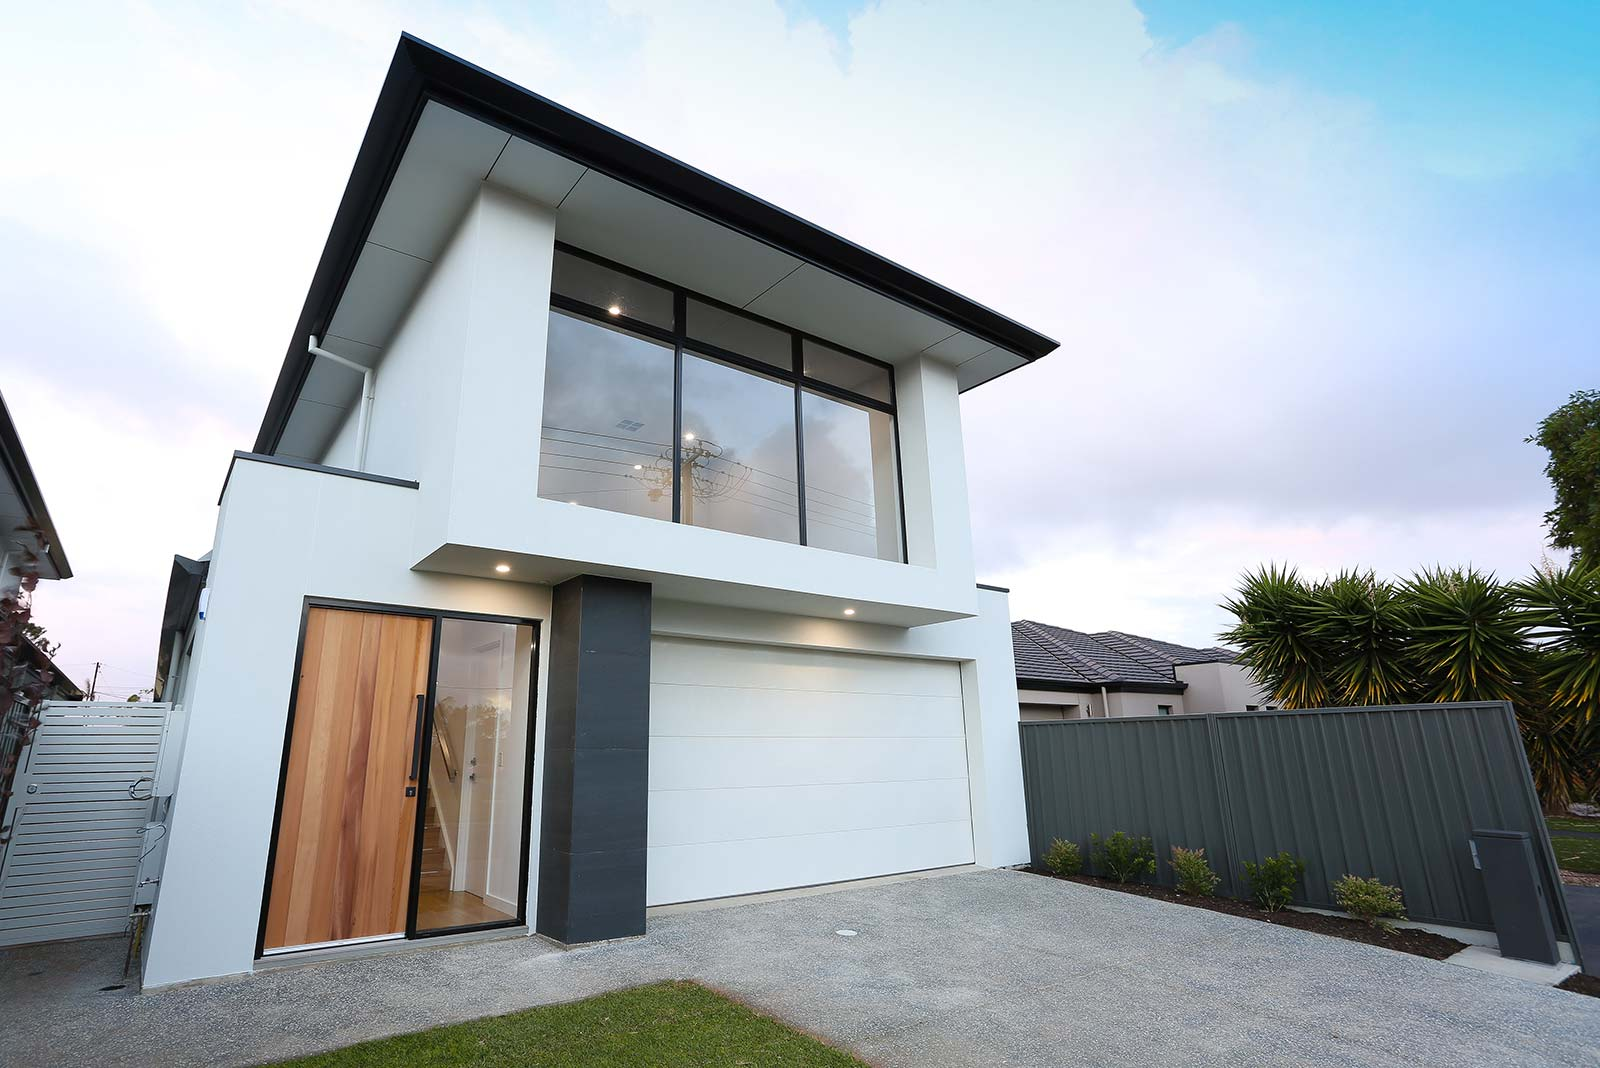 Azcon Homes Double Storey Custom Built Home West Beach D 001